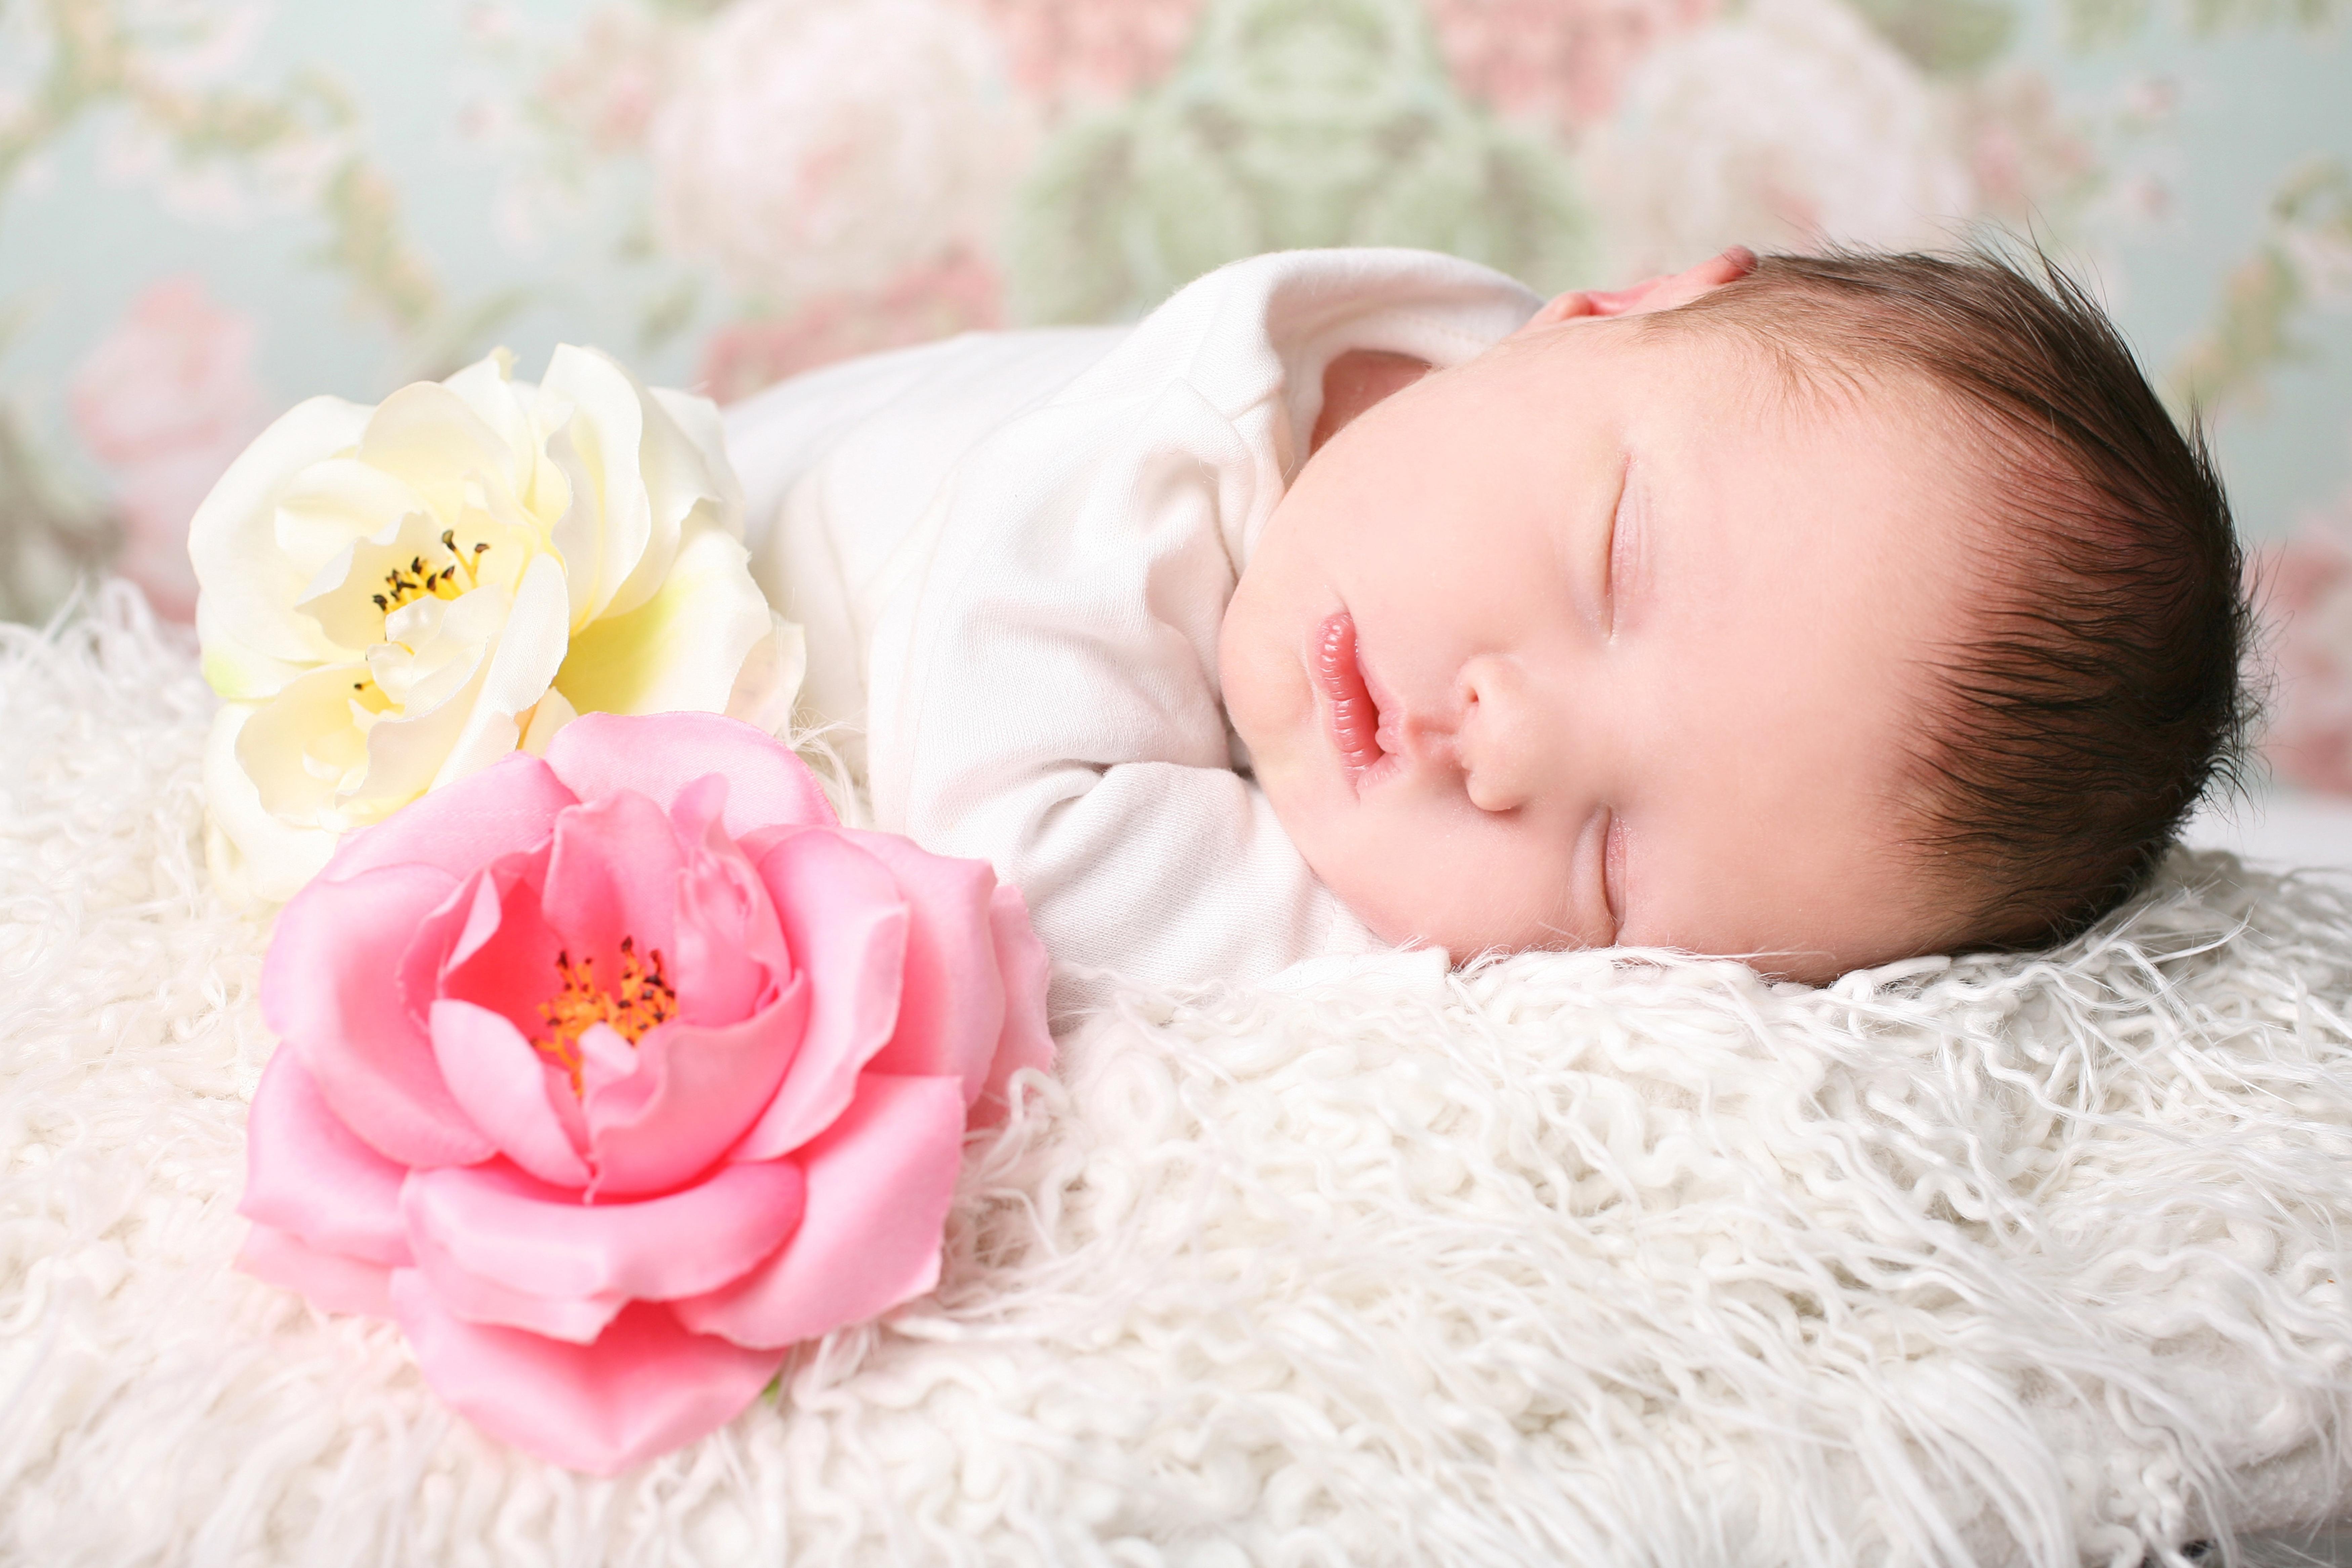 Картинки новорожденного ребенка девочки, новым годом